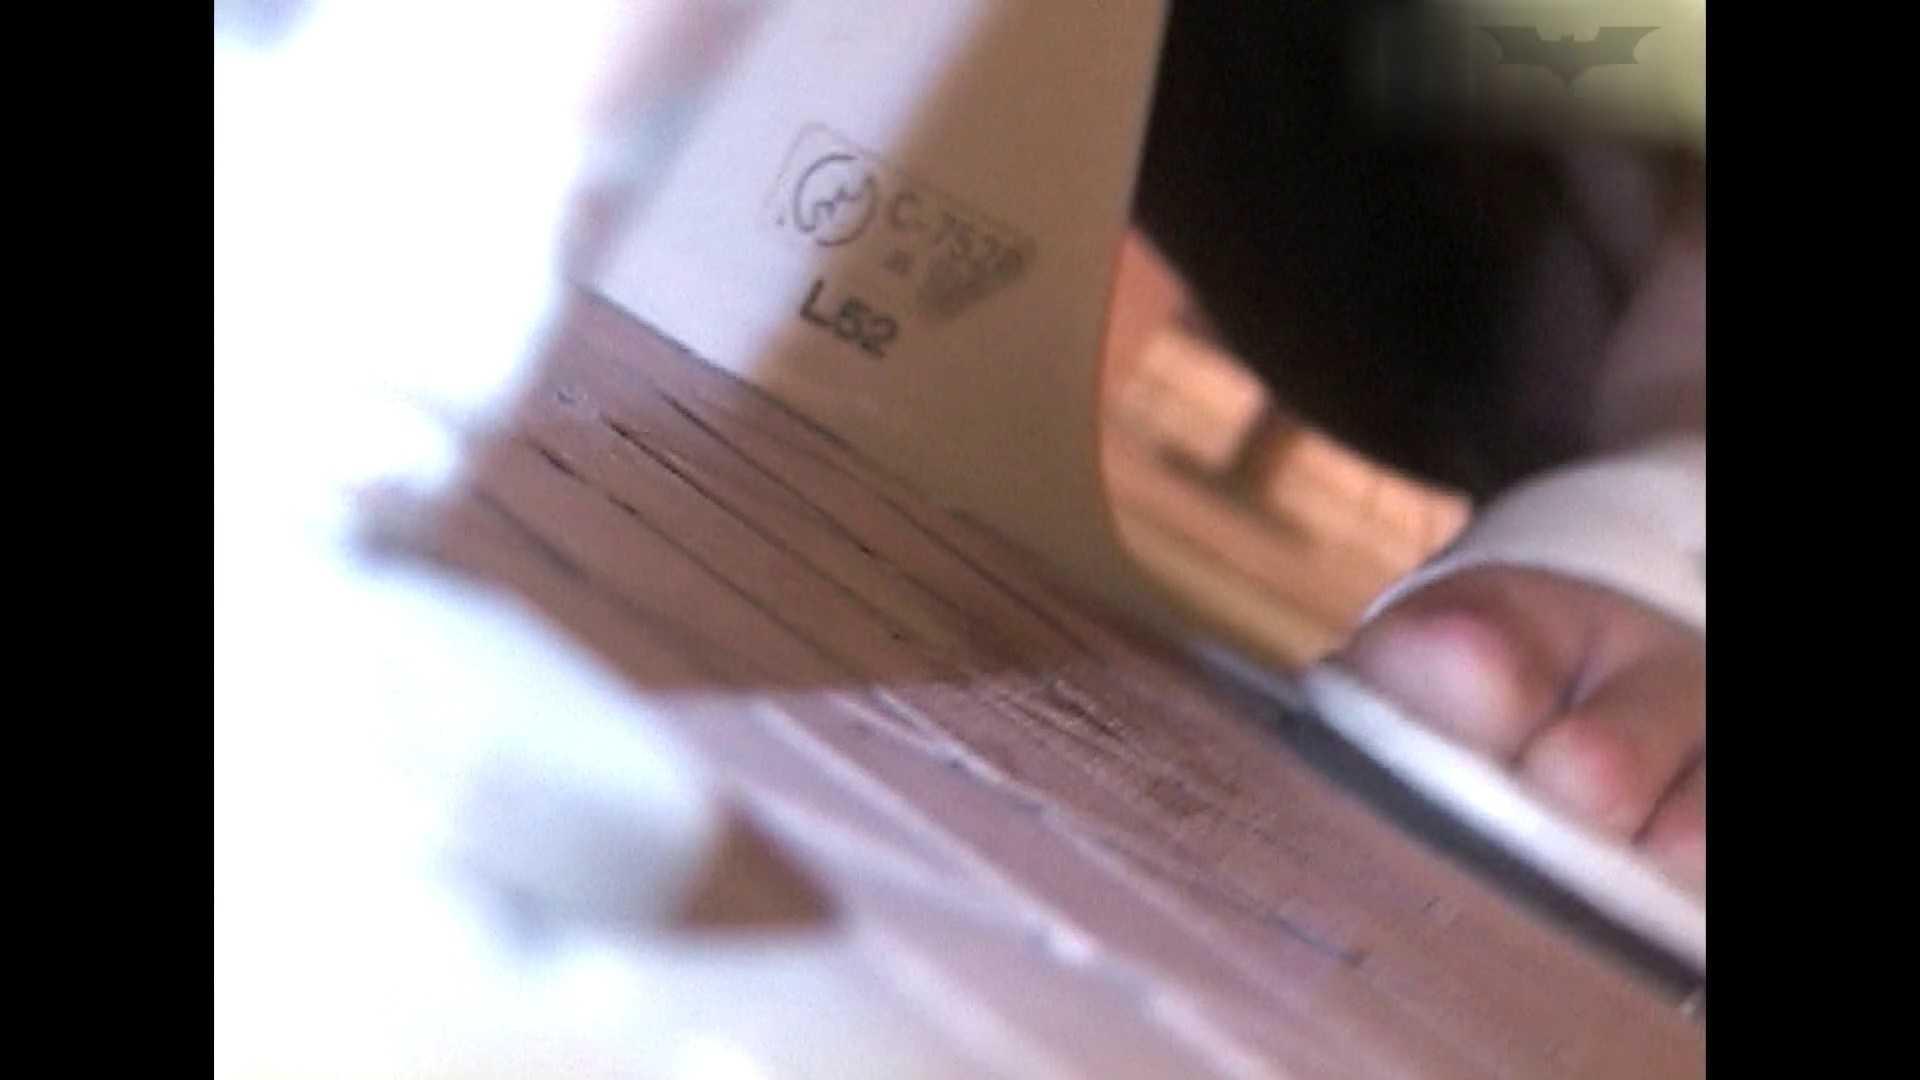 ピカ満グロ満KAWAYA物語 期間限定神キタ!ツルピカの放nyo!Vol.22 パイパンな女性達 おまんこ動画流出 95画像 13